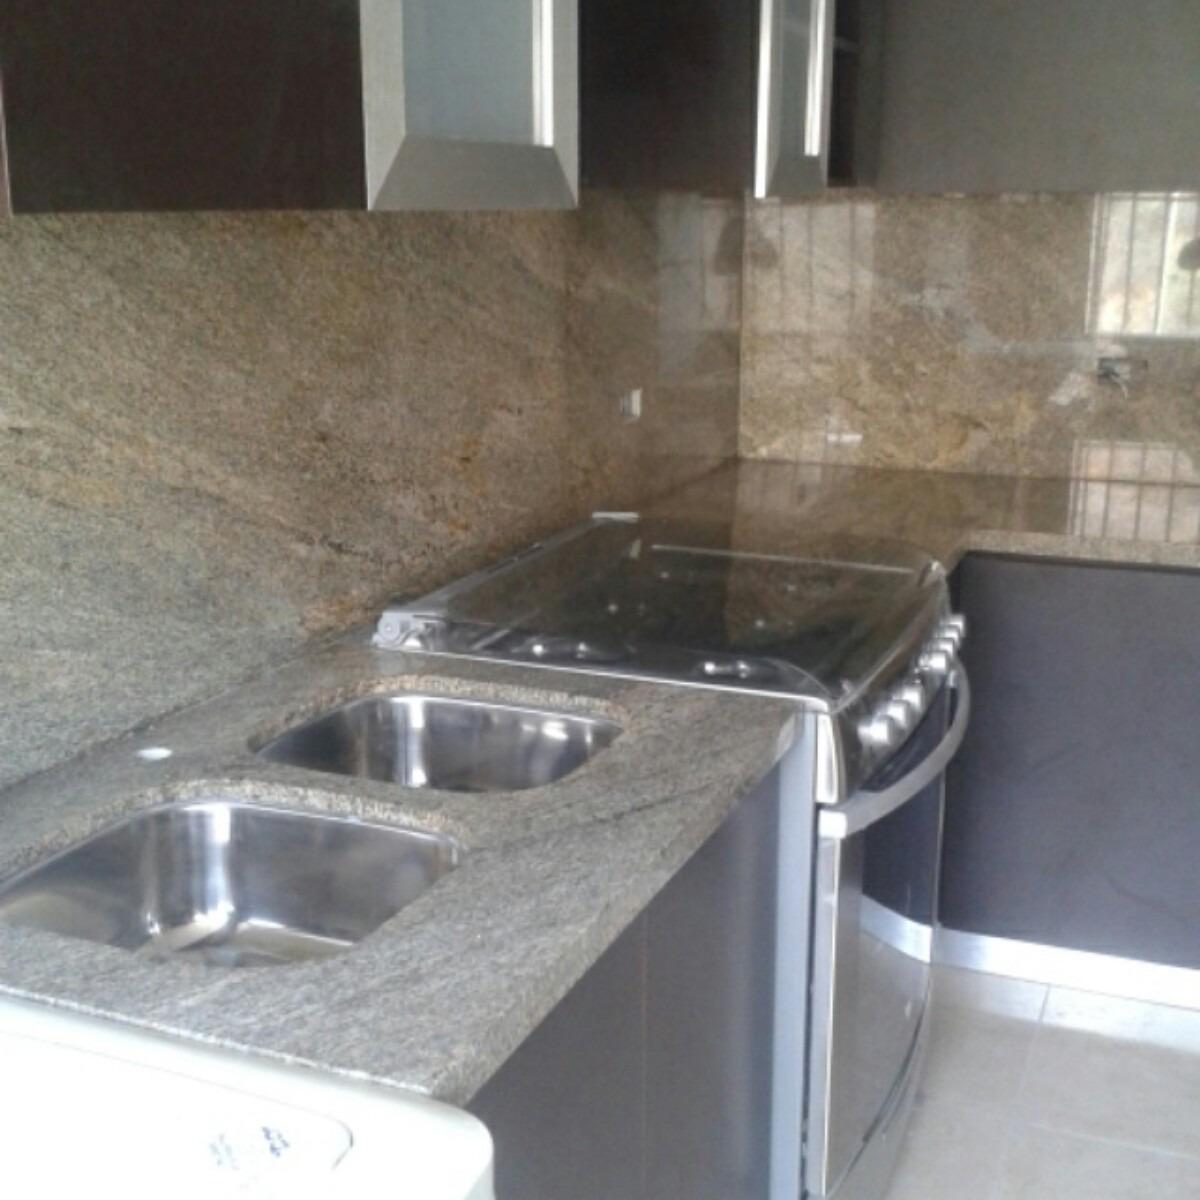 Topes de cocina en granito mercadolibre venezuela auto for Cocinas de marmol y granito